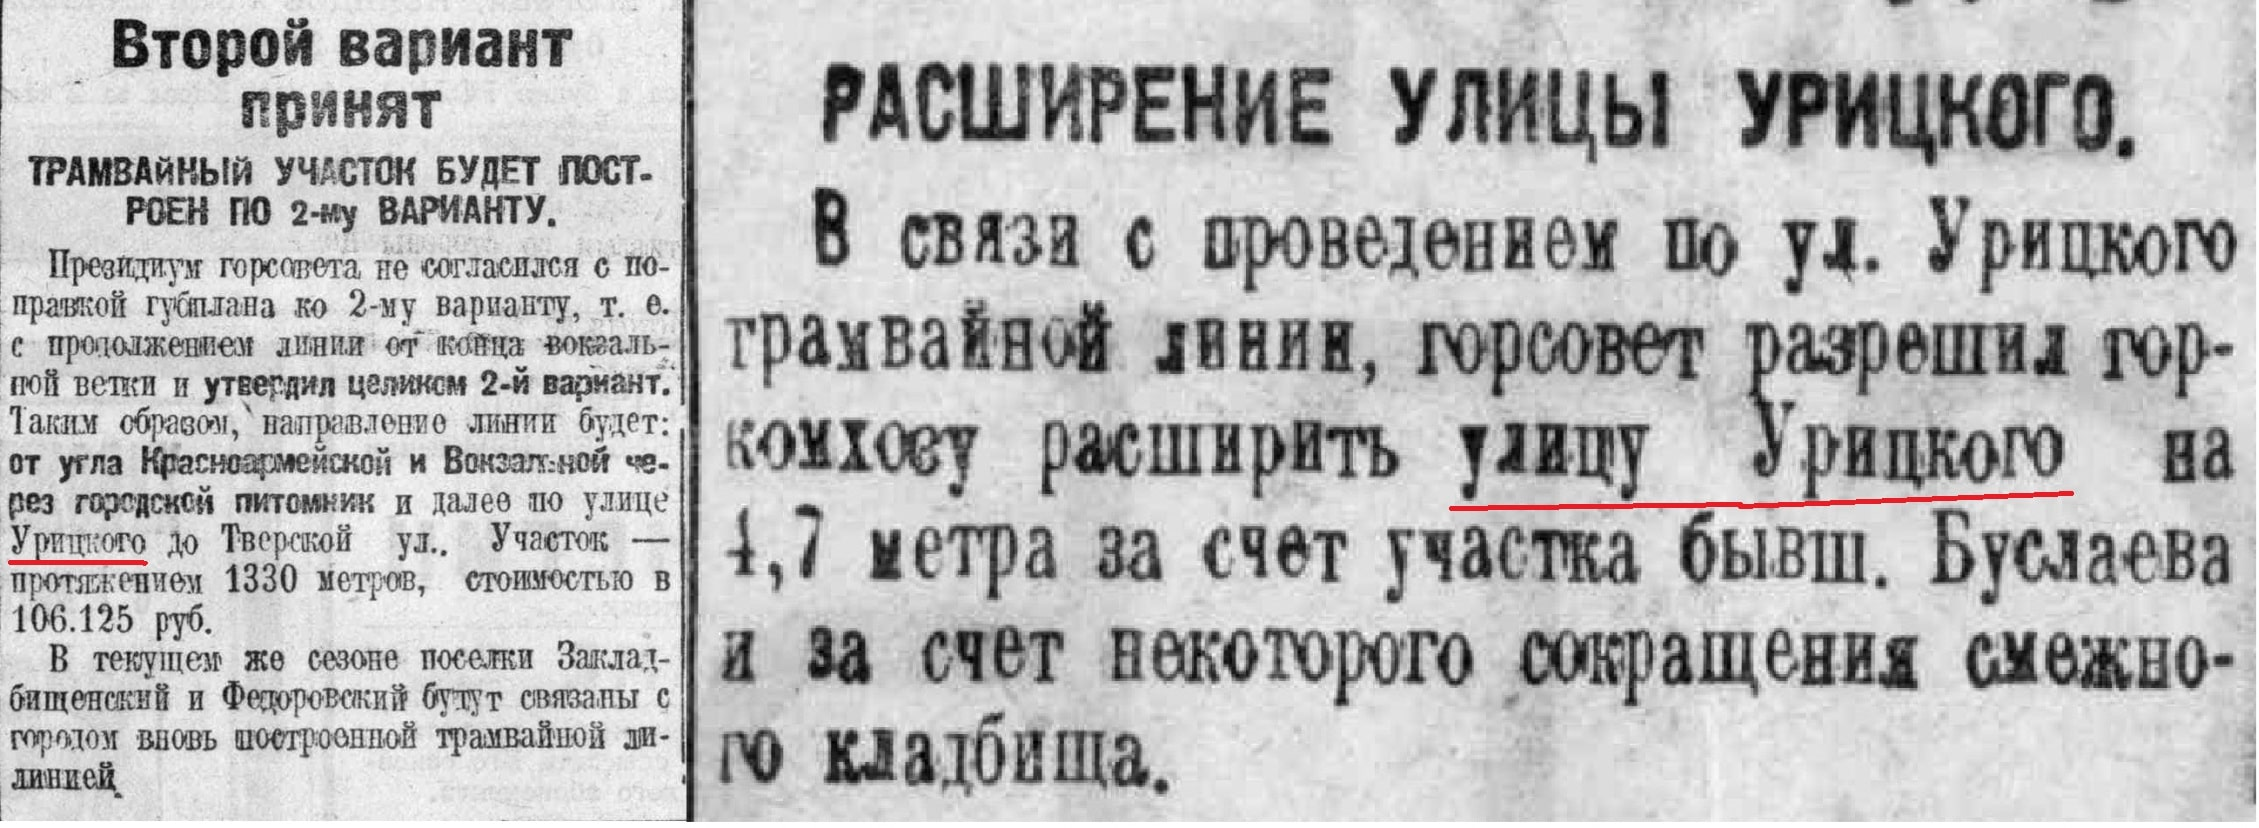 Урицкого-ФОТО-09-ВКа-1927-03-01-утверждение маршрута трамвая № 6-min